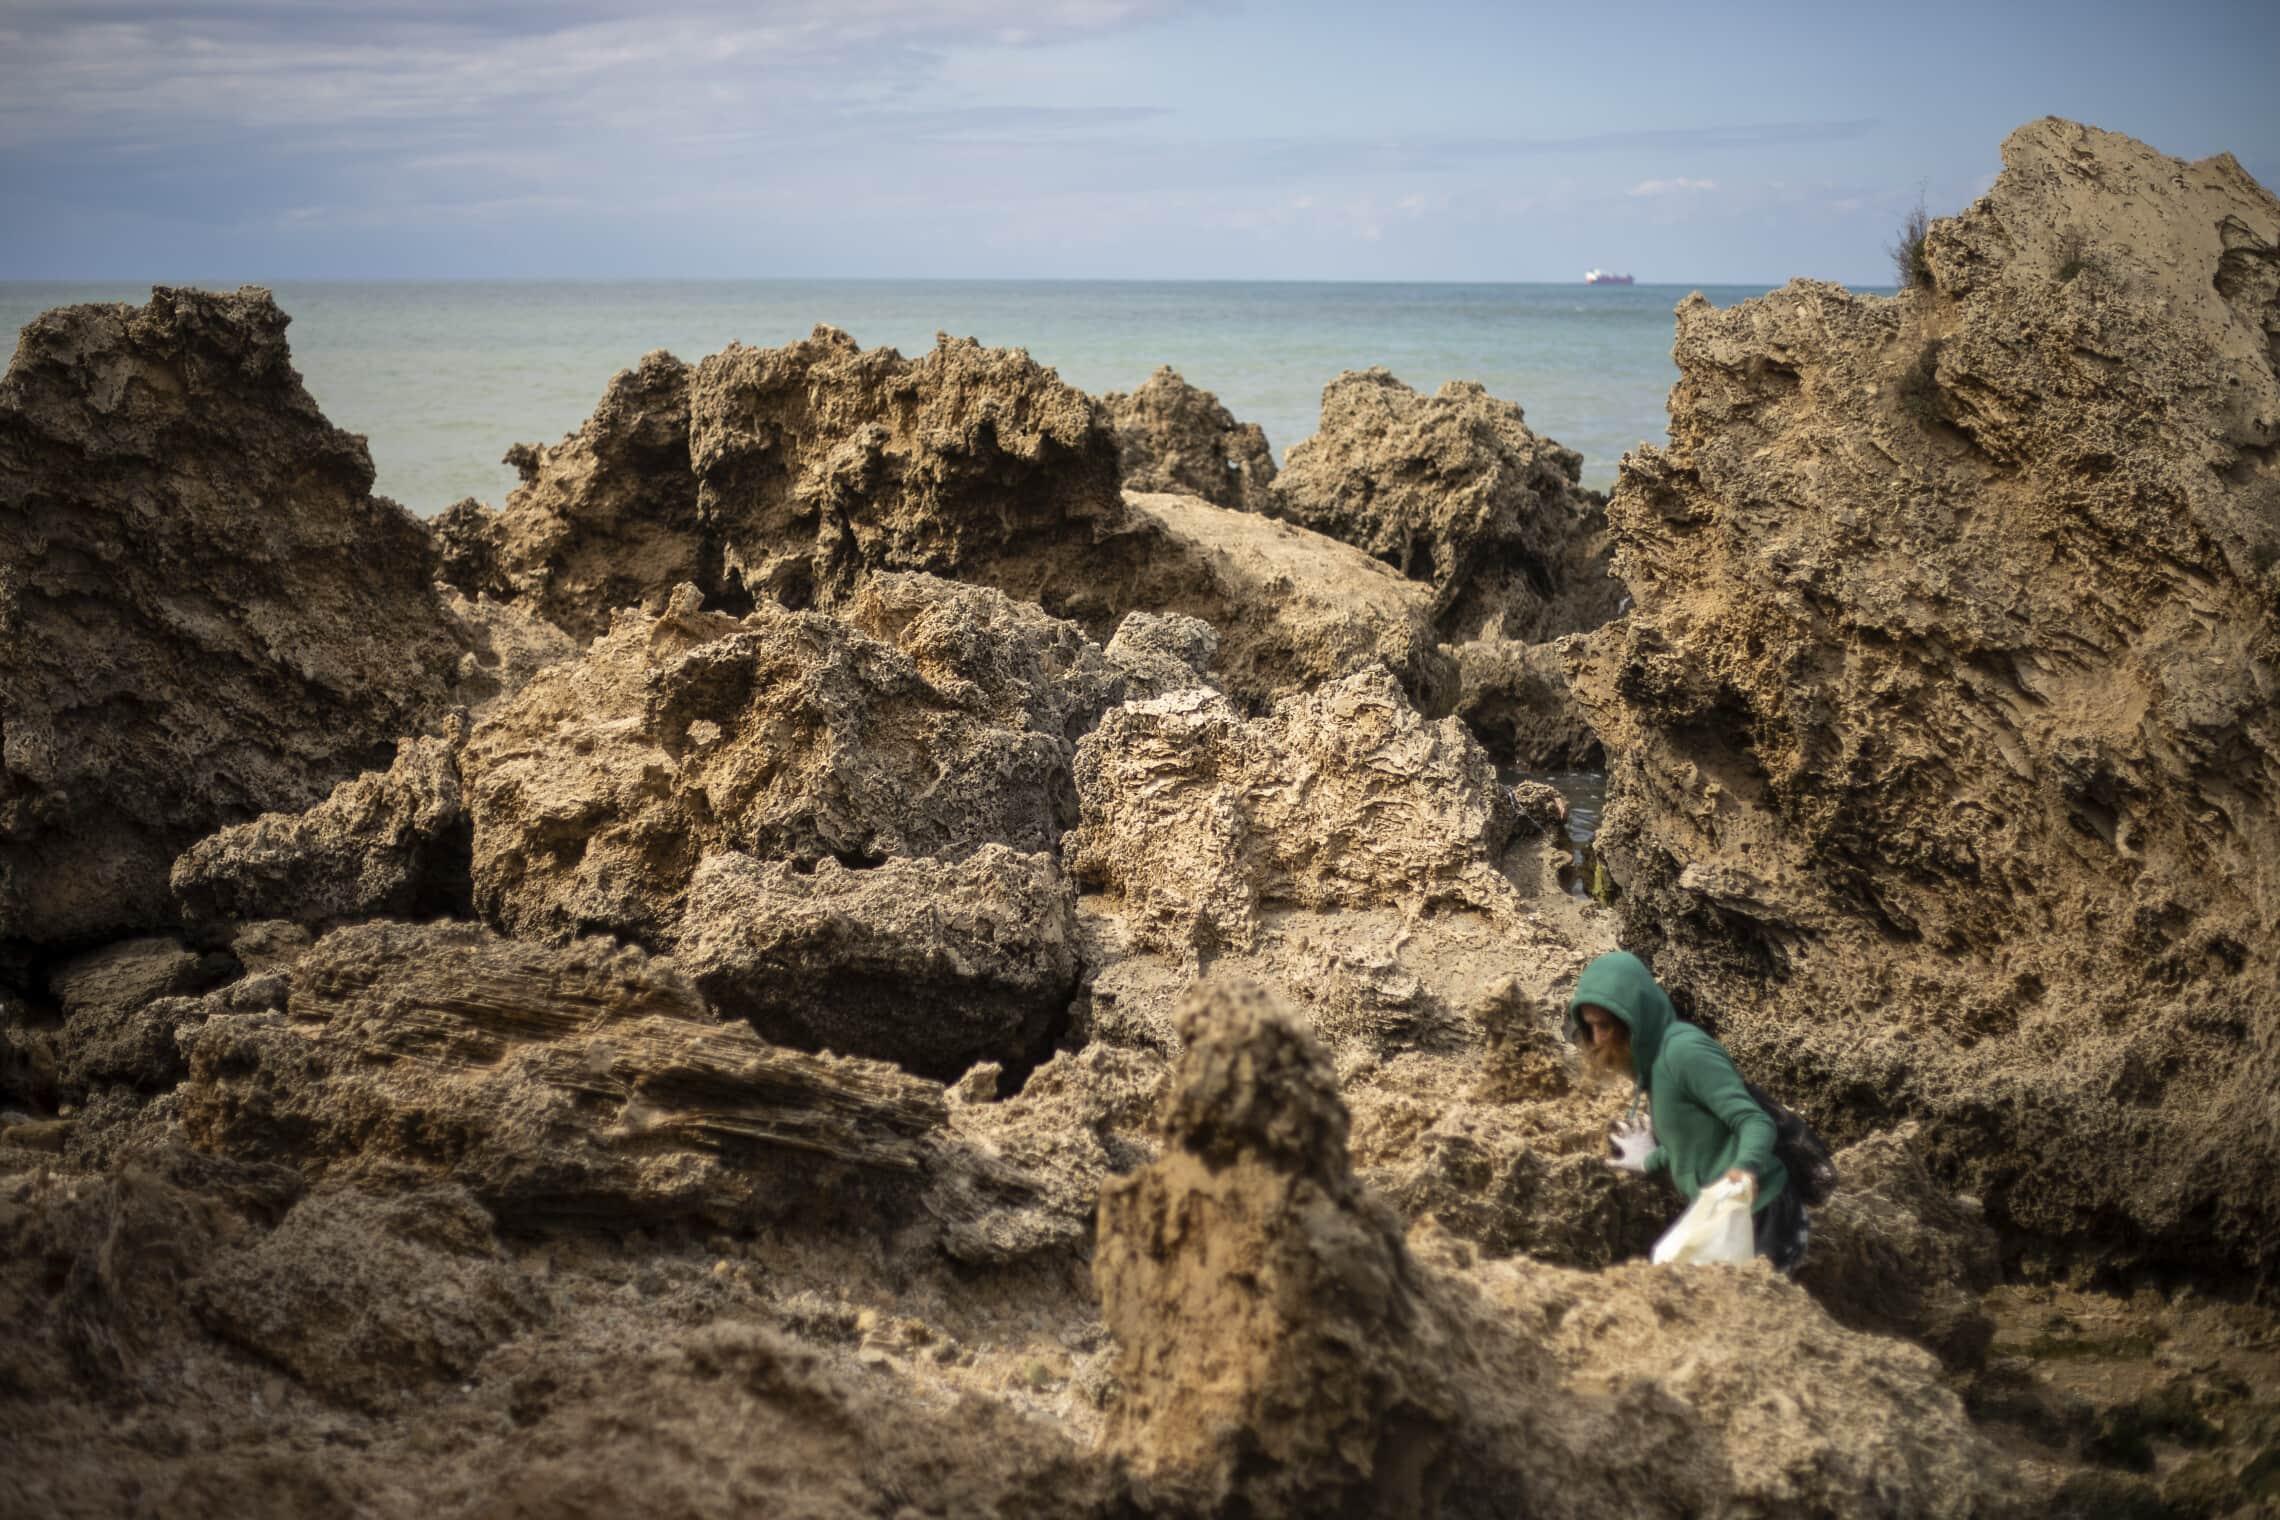 מתנדבת מנקה בחוף בעקבות דליפת הנפט שגרמה לזיהום בחופי הארץ, 20 בפברואר 2021 (צילום: AP Photo/Ariel Schalit)